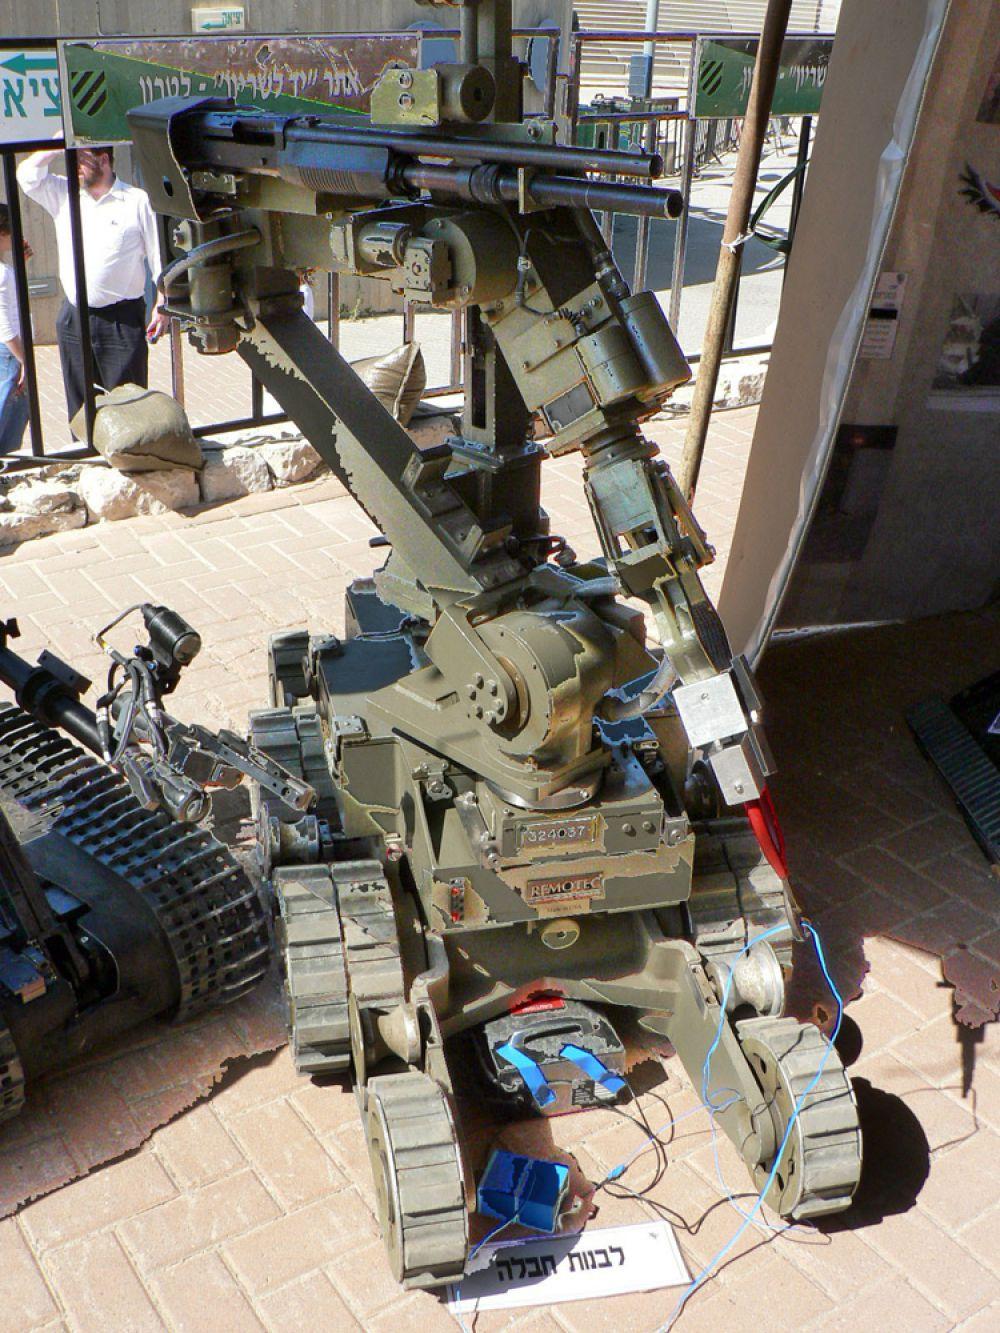 MarkV-A1 — специальная боевая телеуправляемая система. Создан компанией Northrop Grumman Corporation, (США). По утверждению производителя робот предназначен для разминирования. MarkV весит 320кг. В общей сложности, MarkV-A1 имеет четыре цветных видеокамеры. Робот может вооружаться водяной пушкой с высоким давлением воды для нейтрализации бомбы, или, если это необходимо, дробовиком.